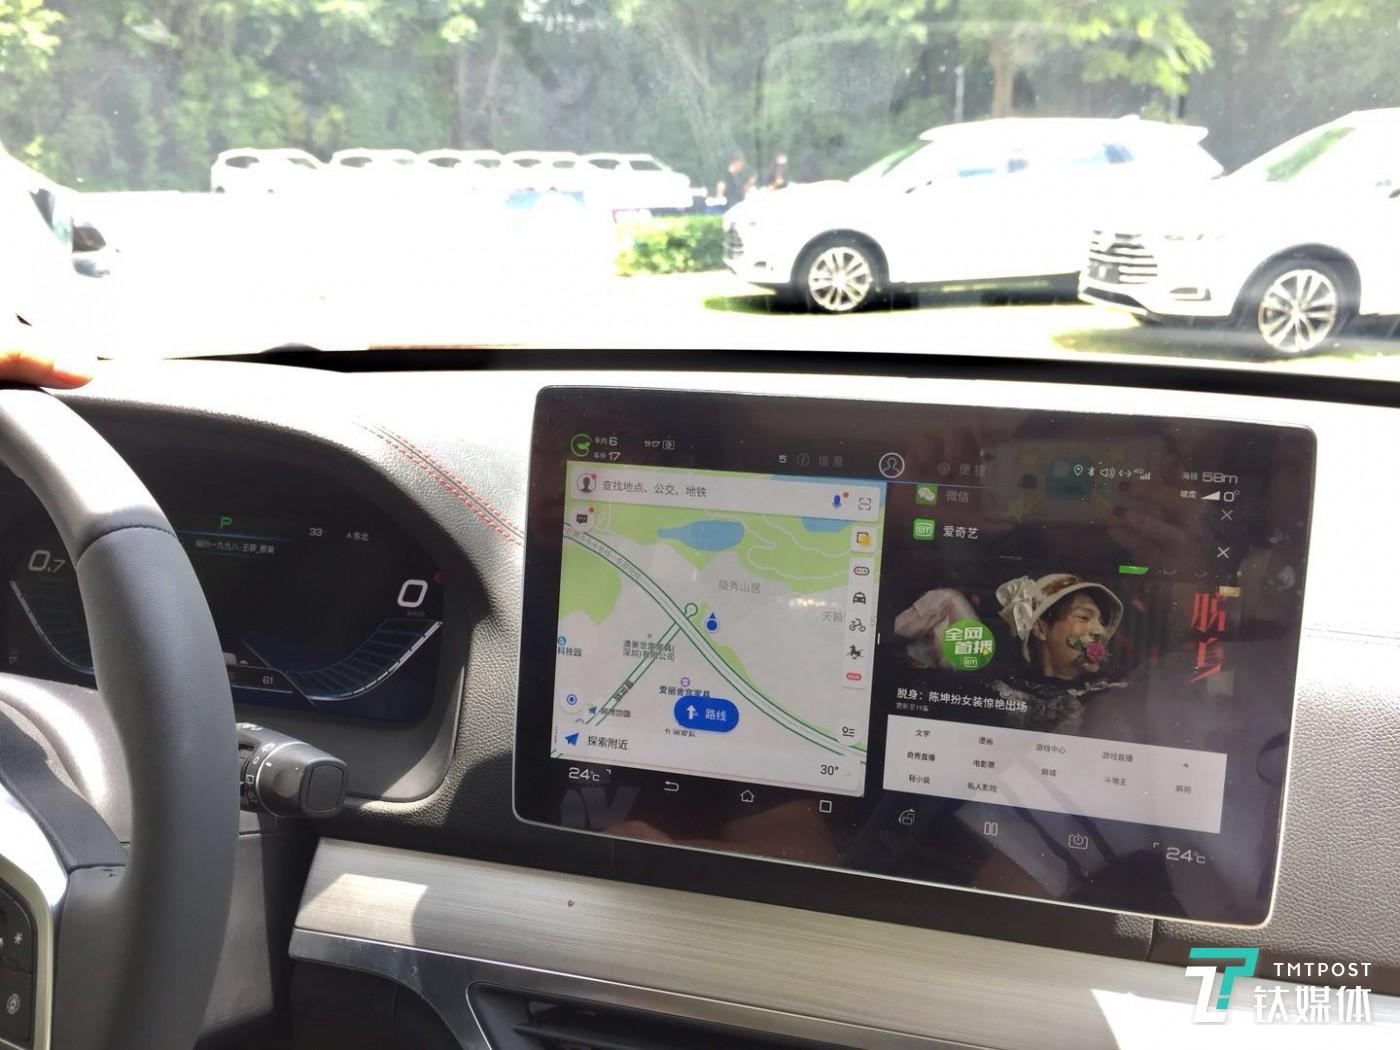 通过分屏功能可以一边导航一边看视频、听歌